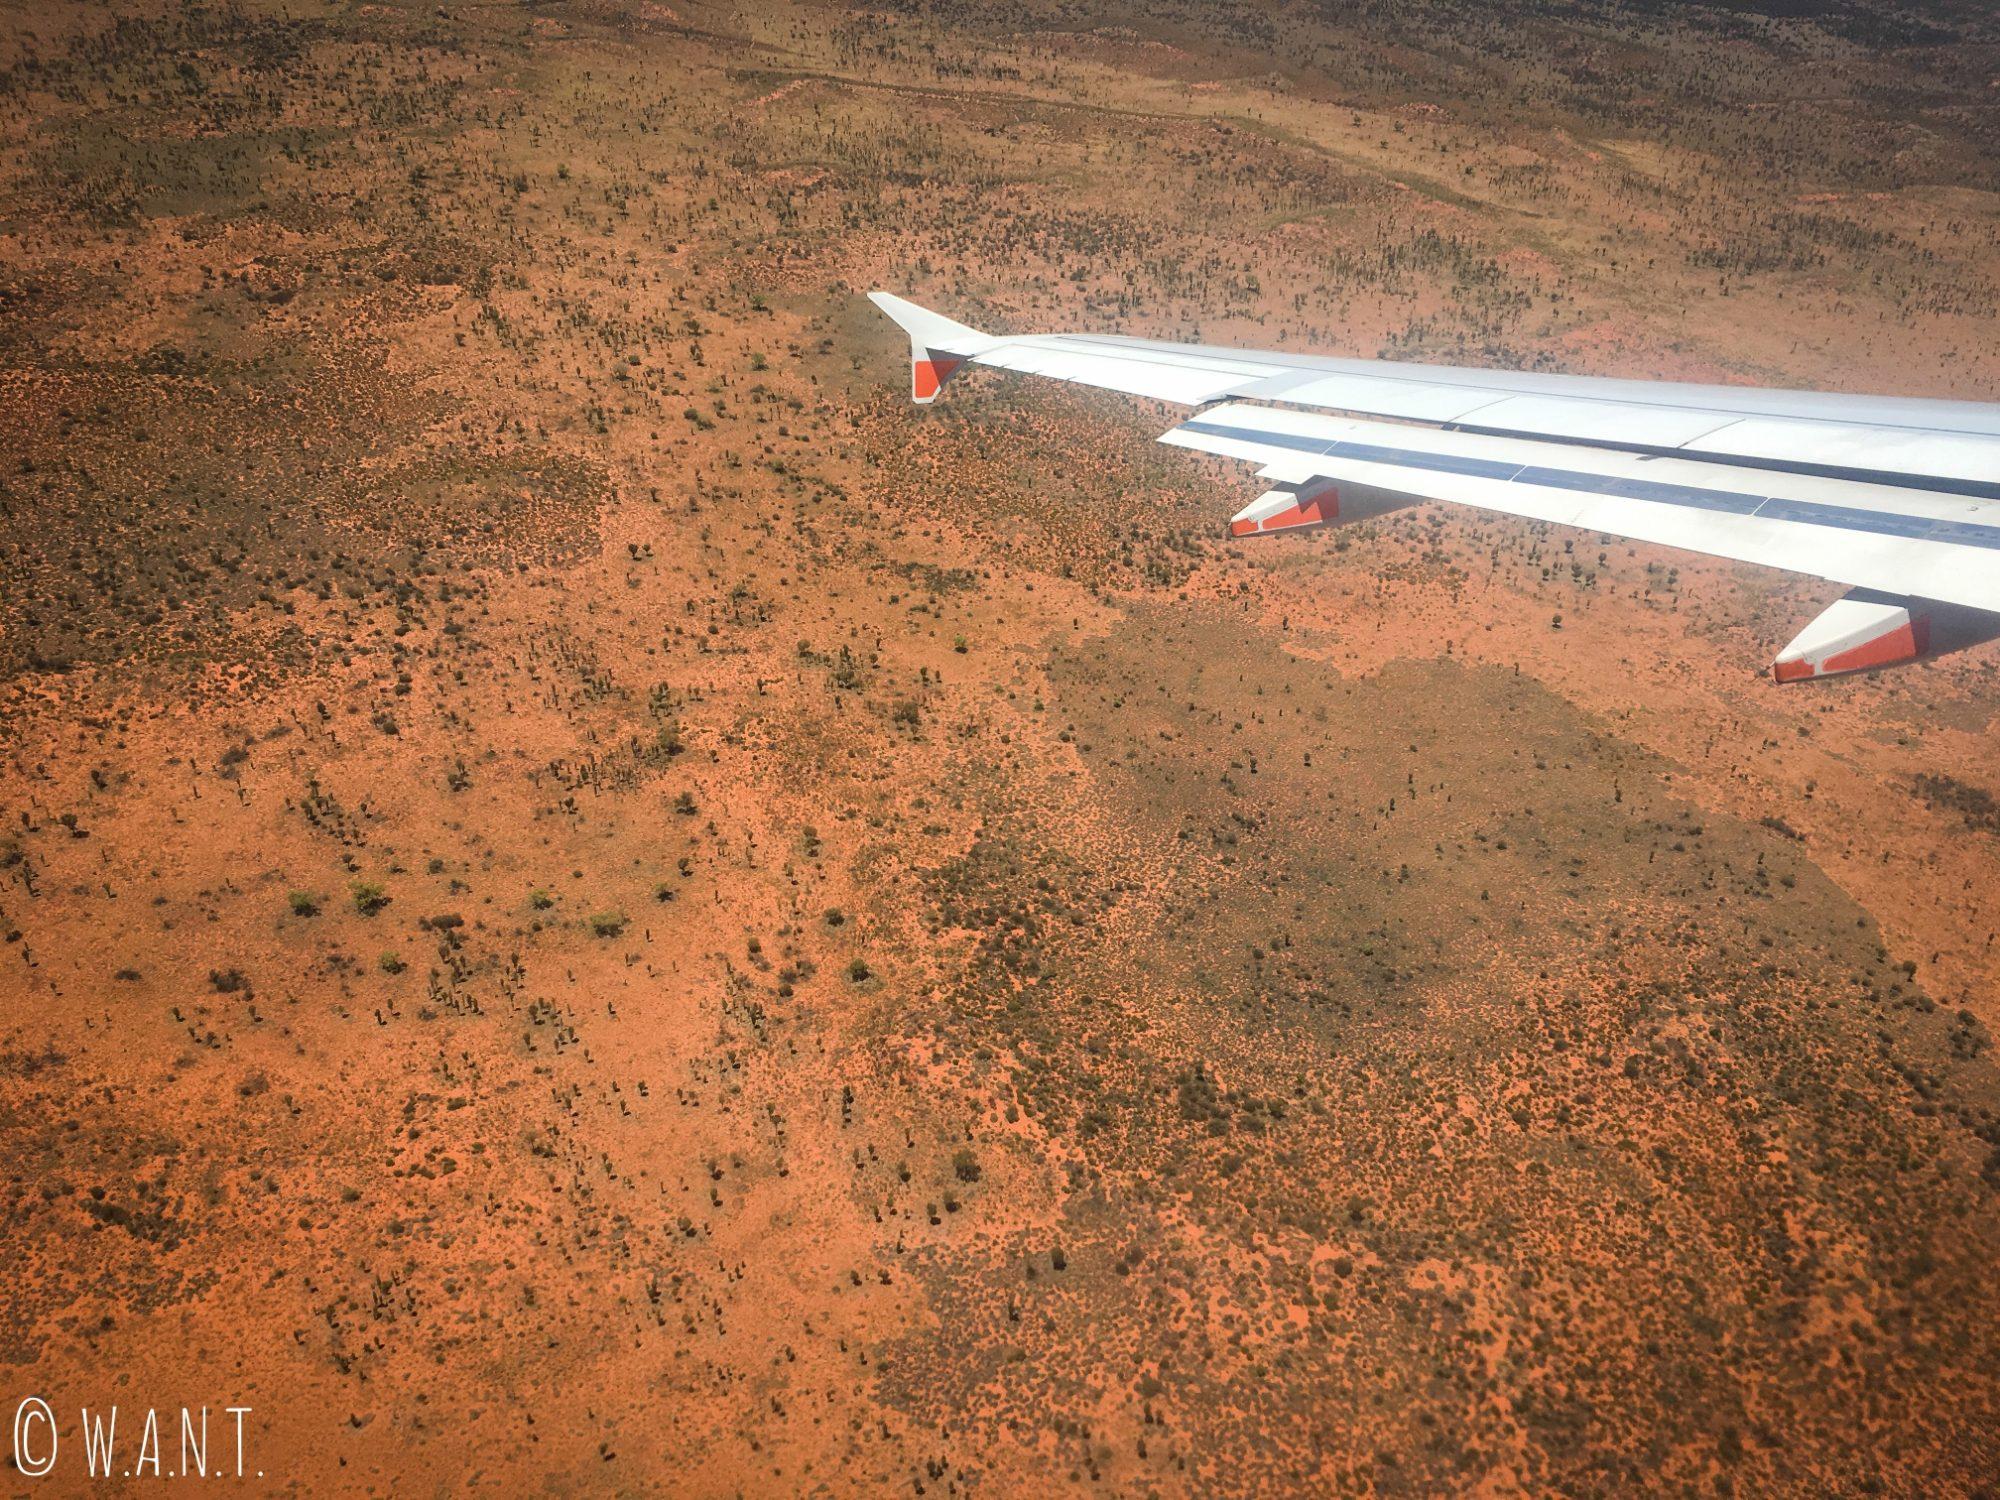 Vue sur le désert d'Ayers Rock depuis l'avion